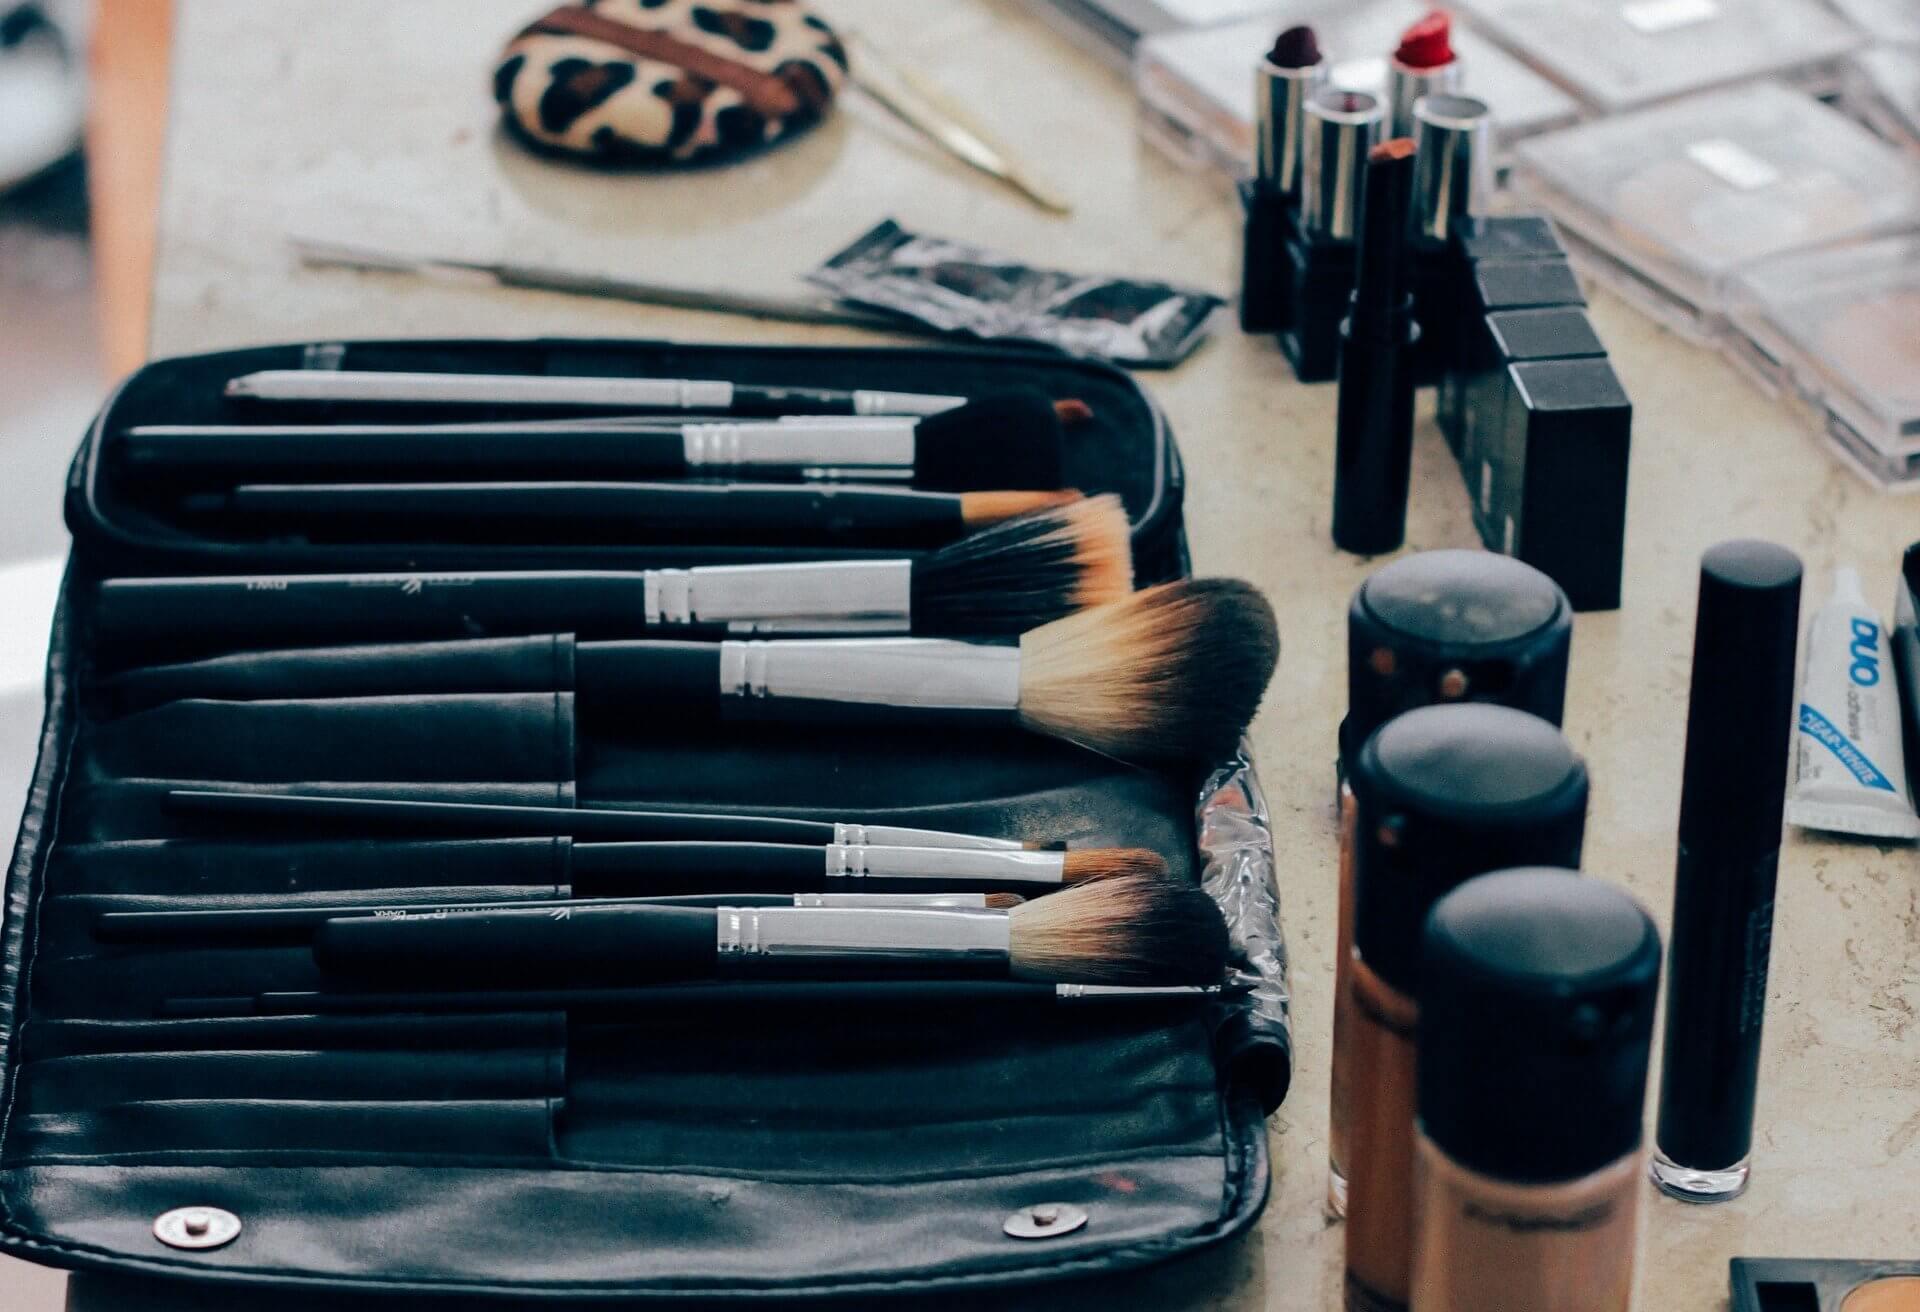 Kosmetikhersteller Explosionsschutz